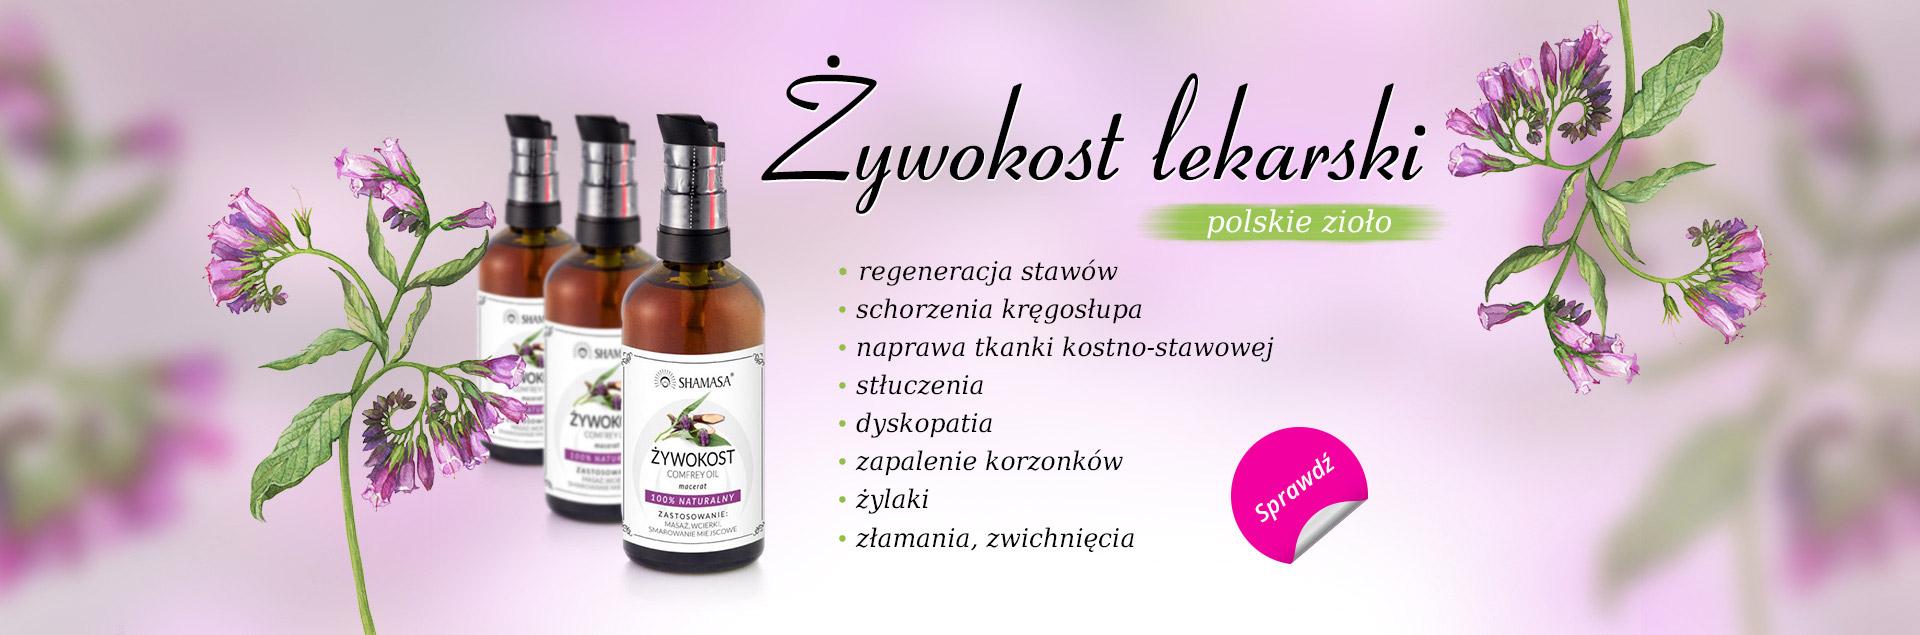 Żywokost lekarski - polskie zioło